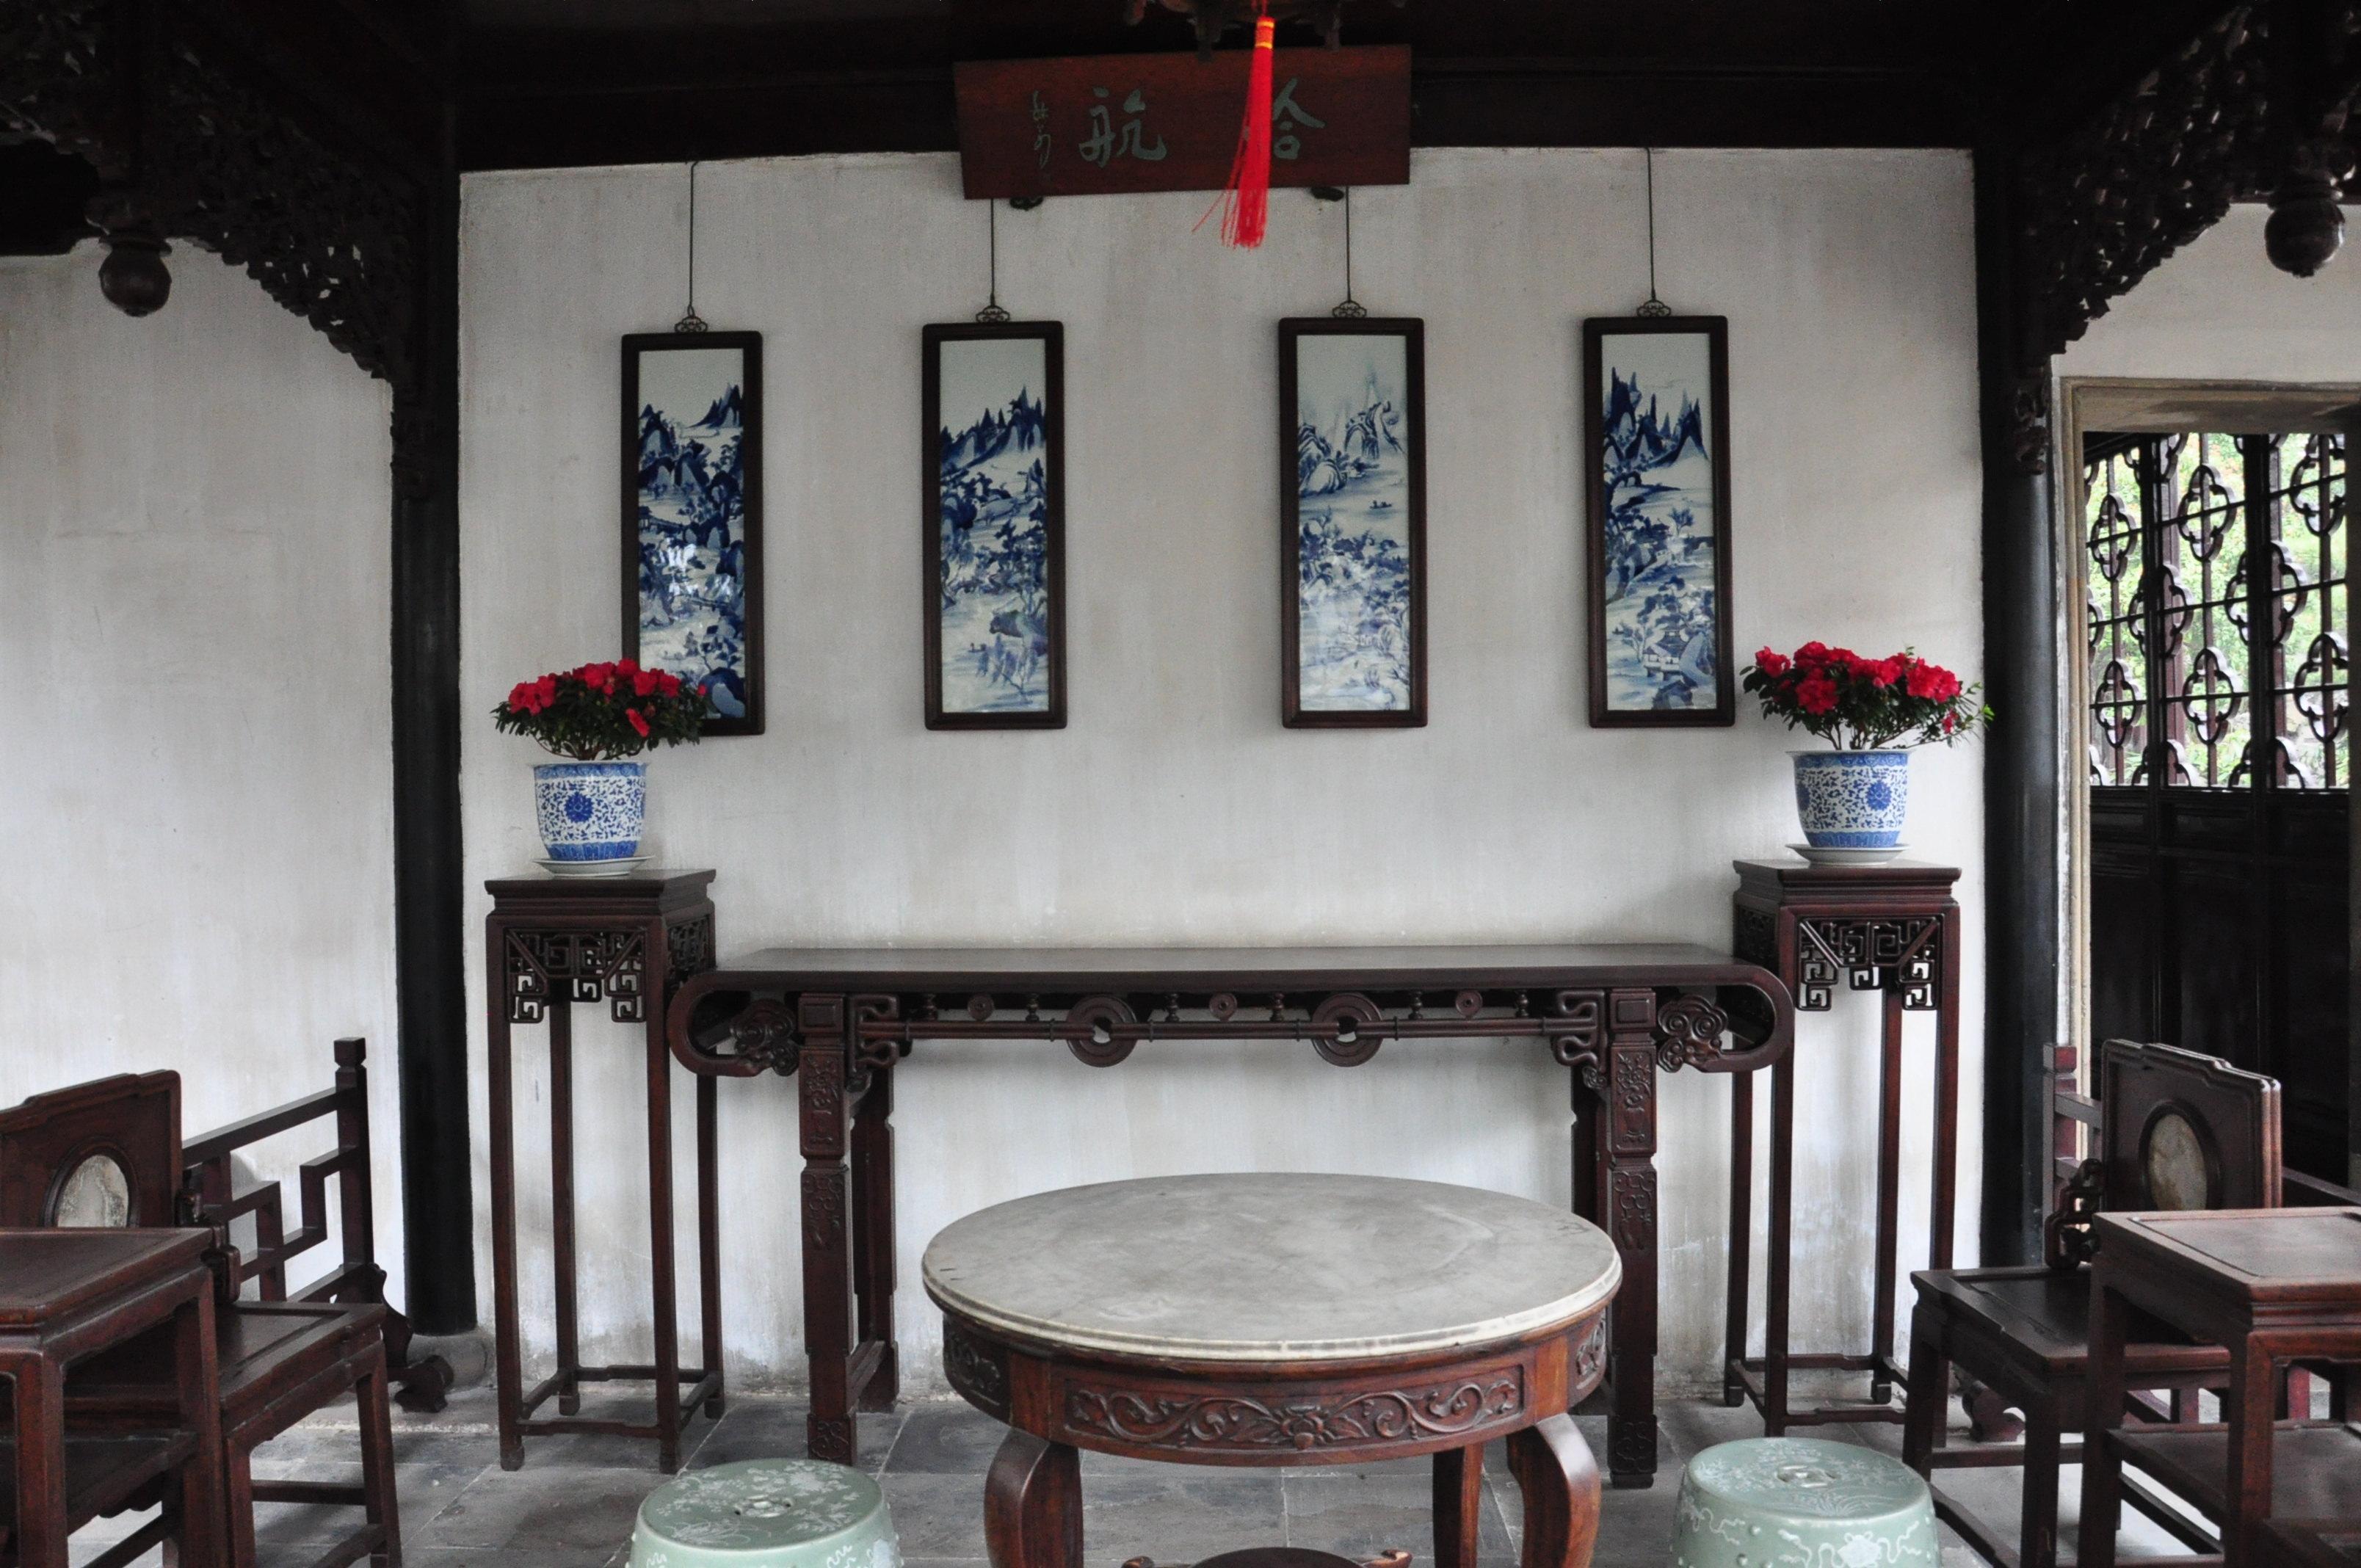 餐厅 餐桌 家具 装修 桌 桌椅 桌子 3216_2136